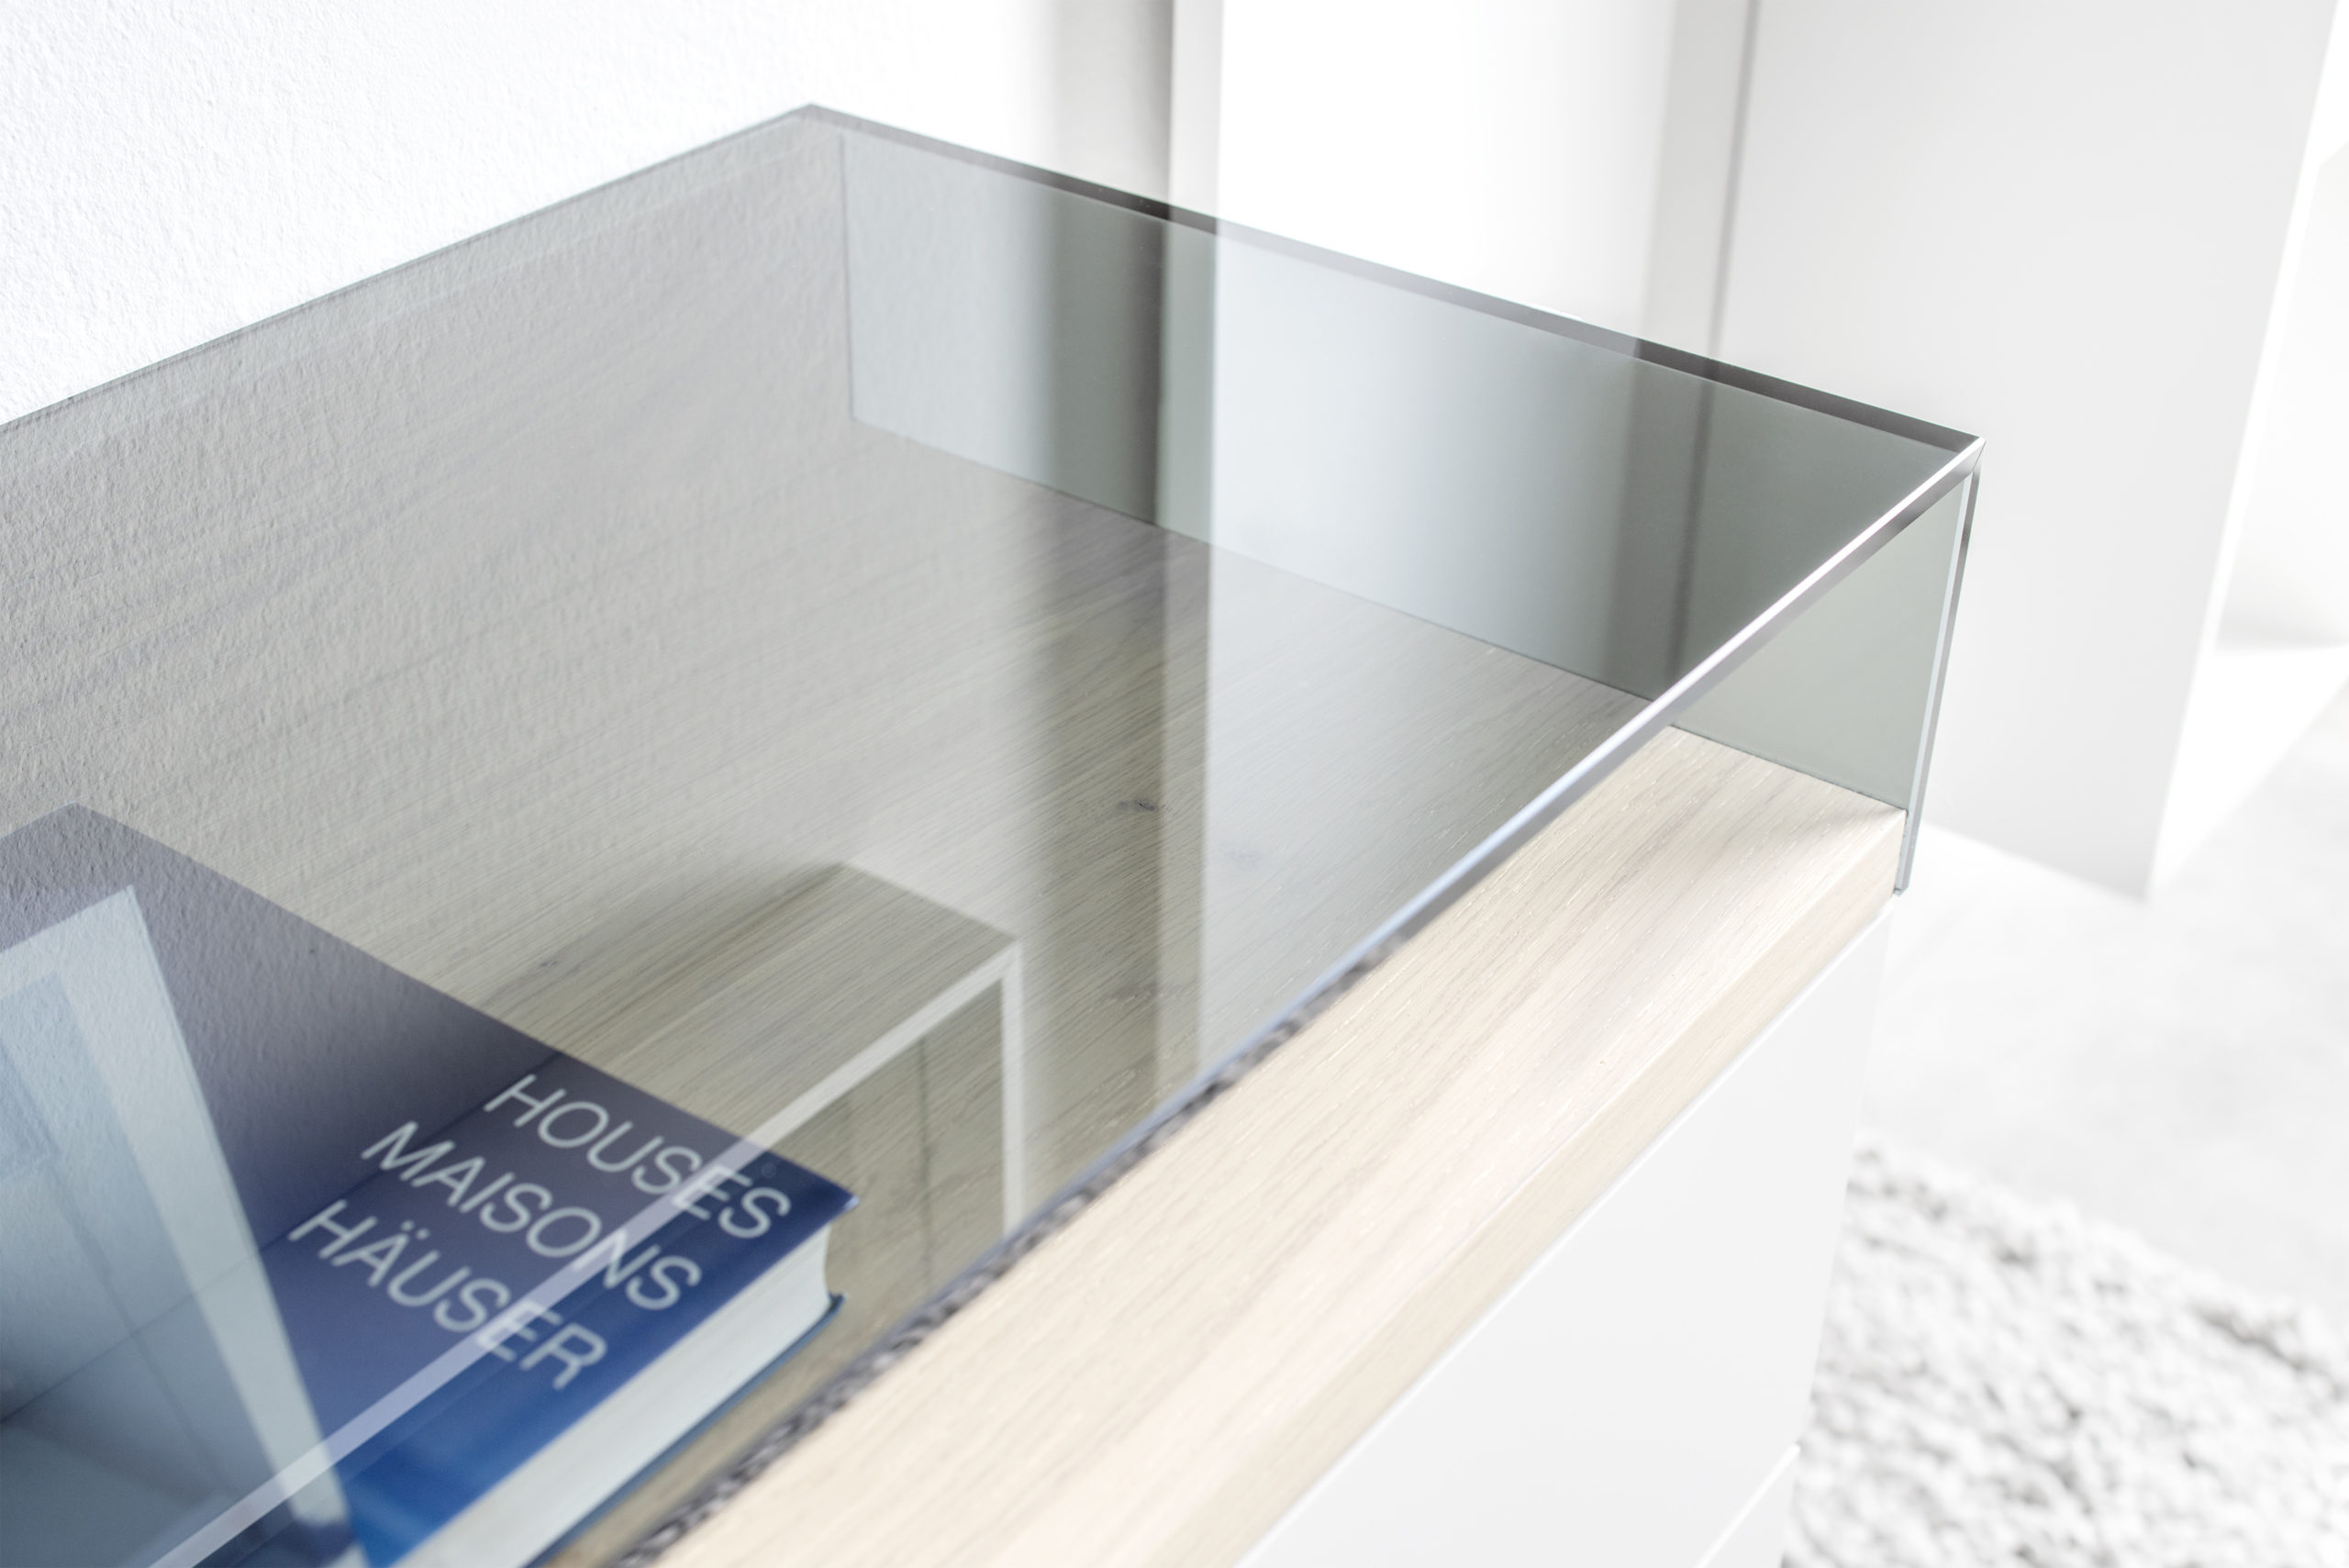 Sudbrock KAYA Garderobe 2 - Nahaufnahme von dem Glasaufsatz in Rauchglas, Abdeckblatt im natürlichen Holz-Akzent Eiche milk